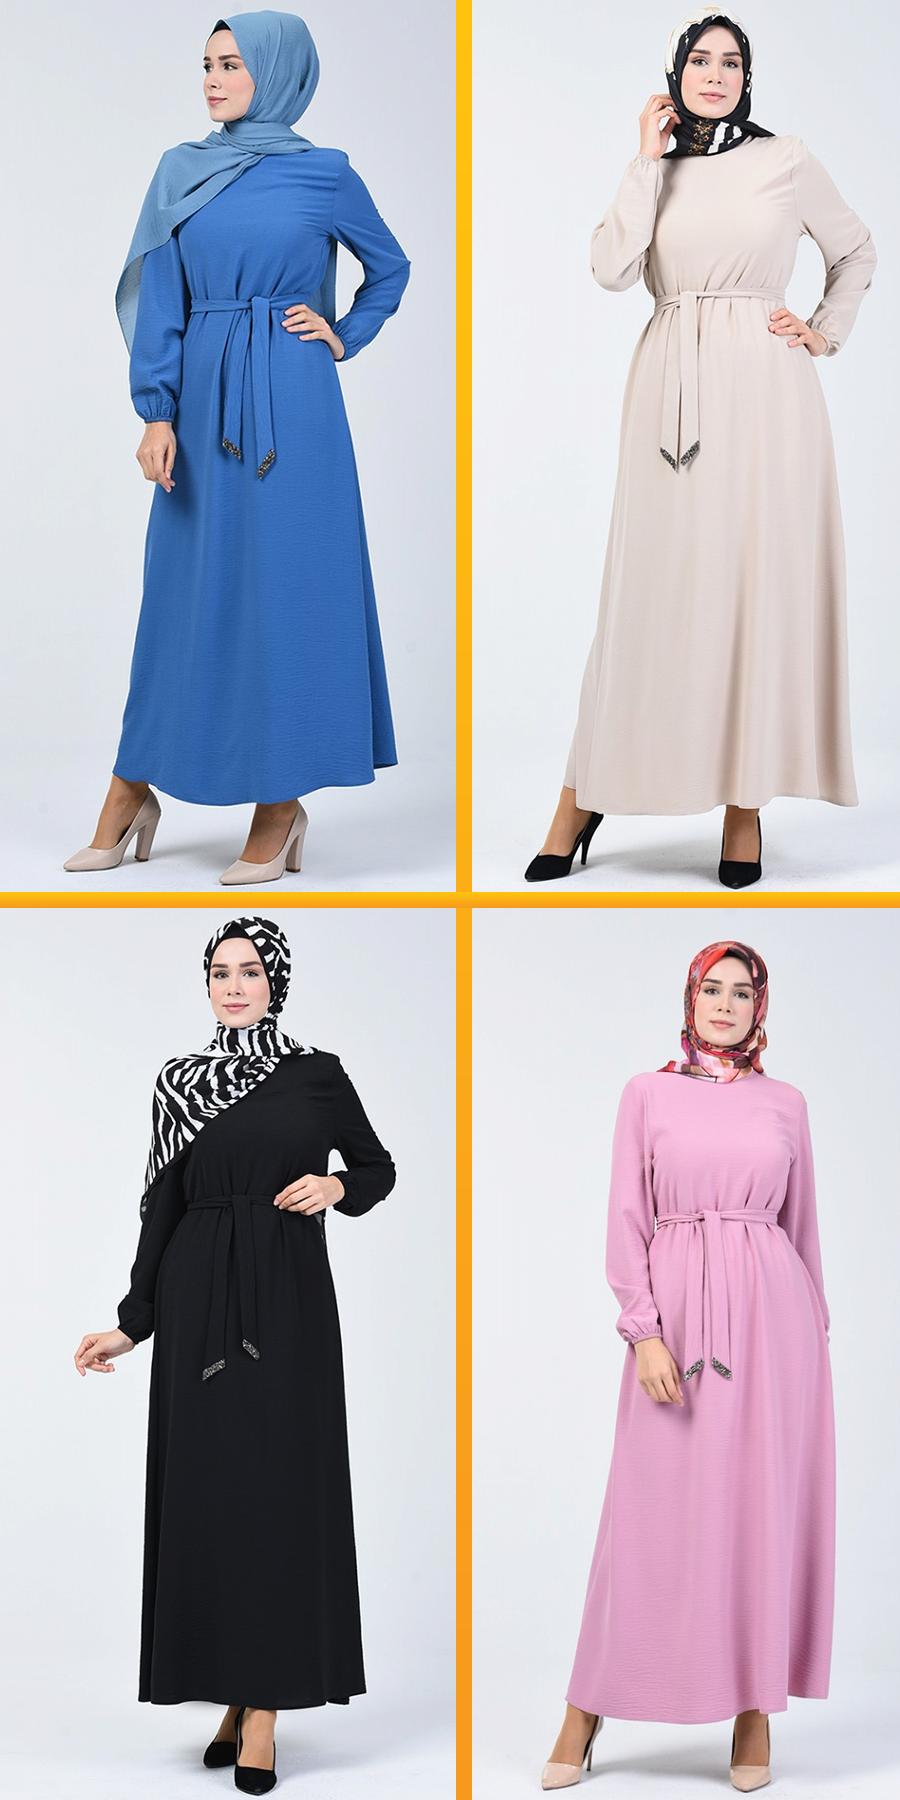 Sefamerve Tesettur Elbise Modelleri 4 2020 Reformation Clothing 2020 Elbise Modelleri Elbise Moda Stilleri